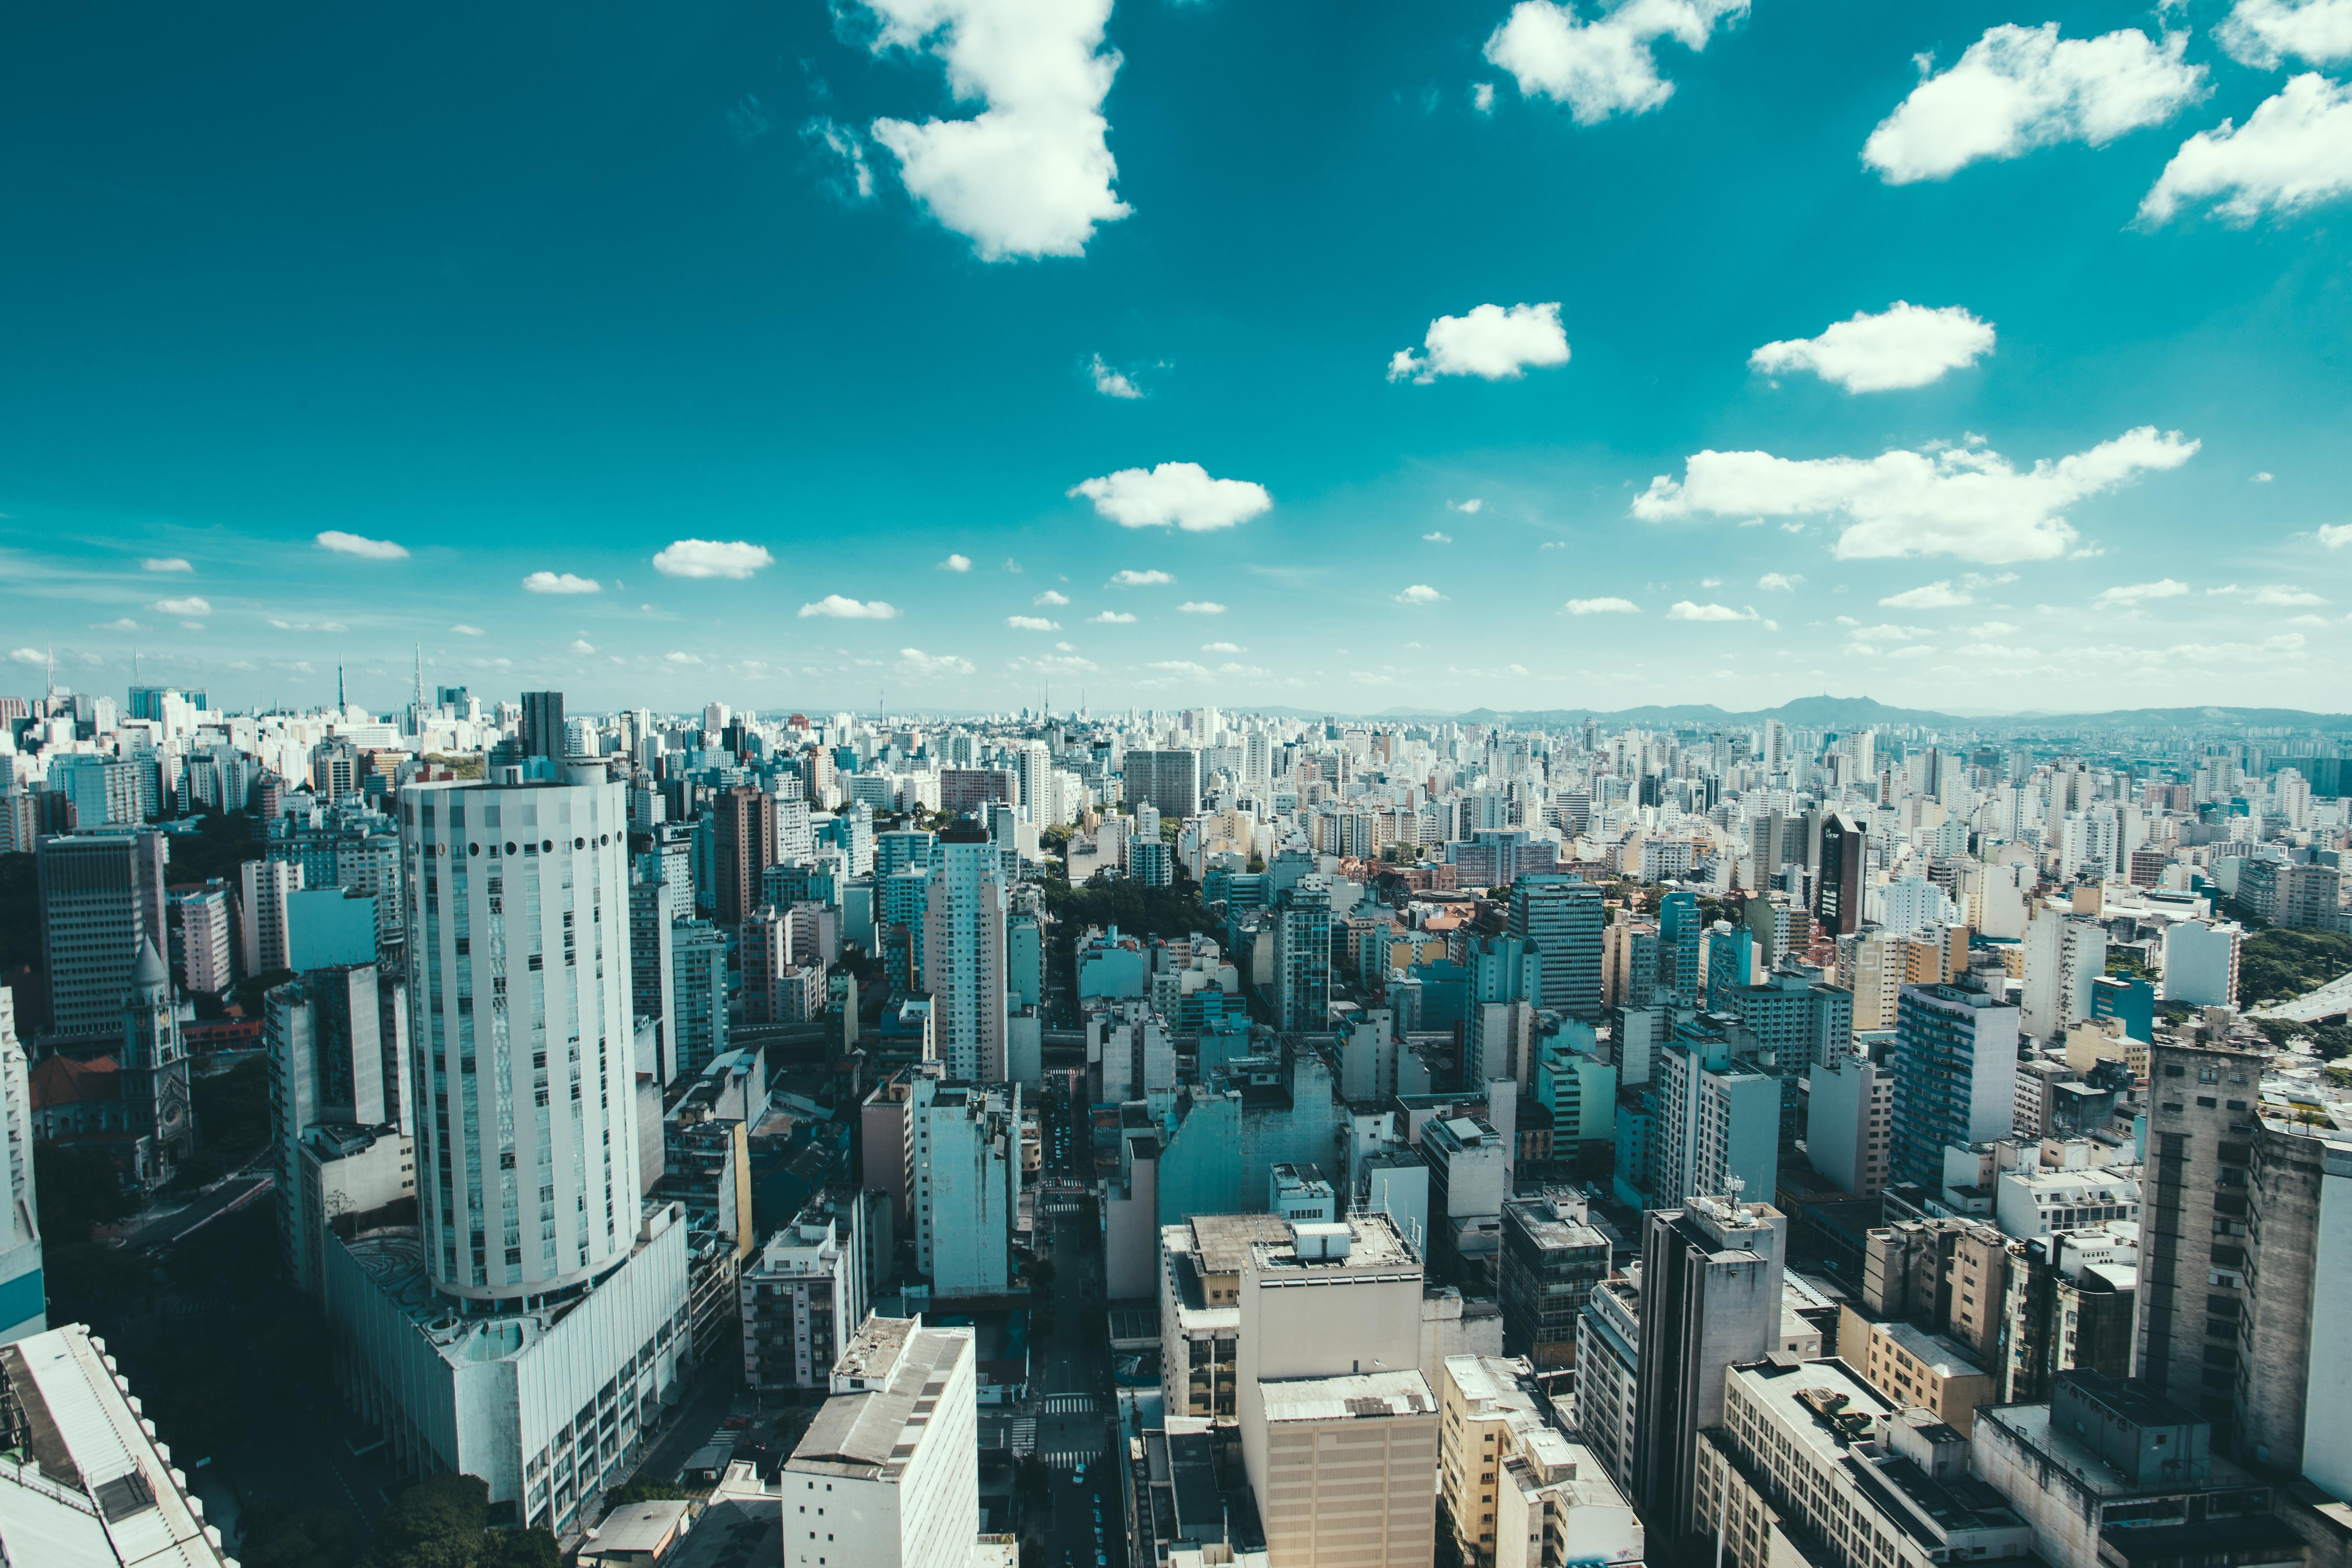 Taquarivaí - São Paulo